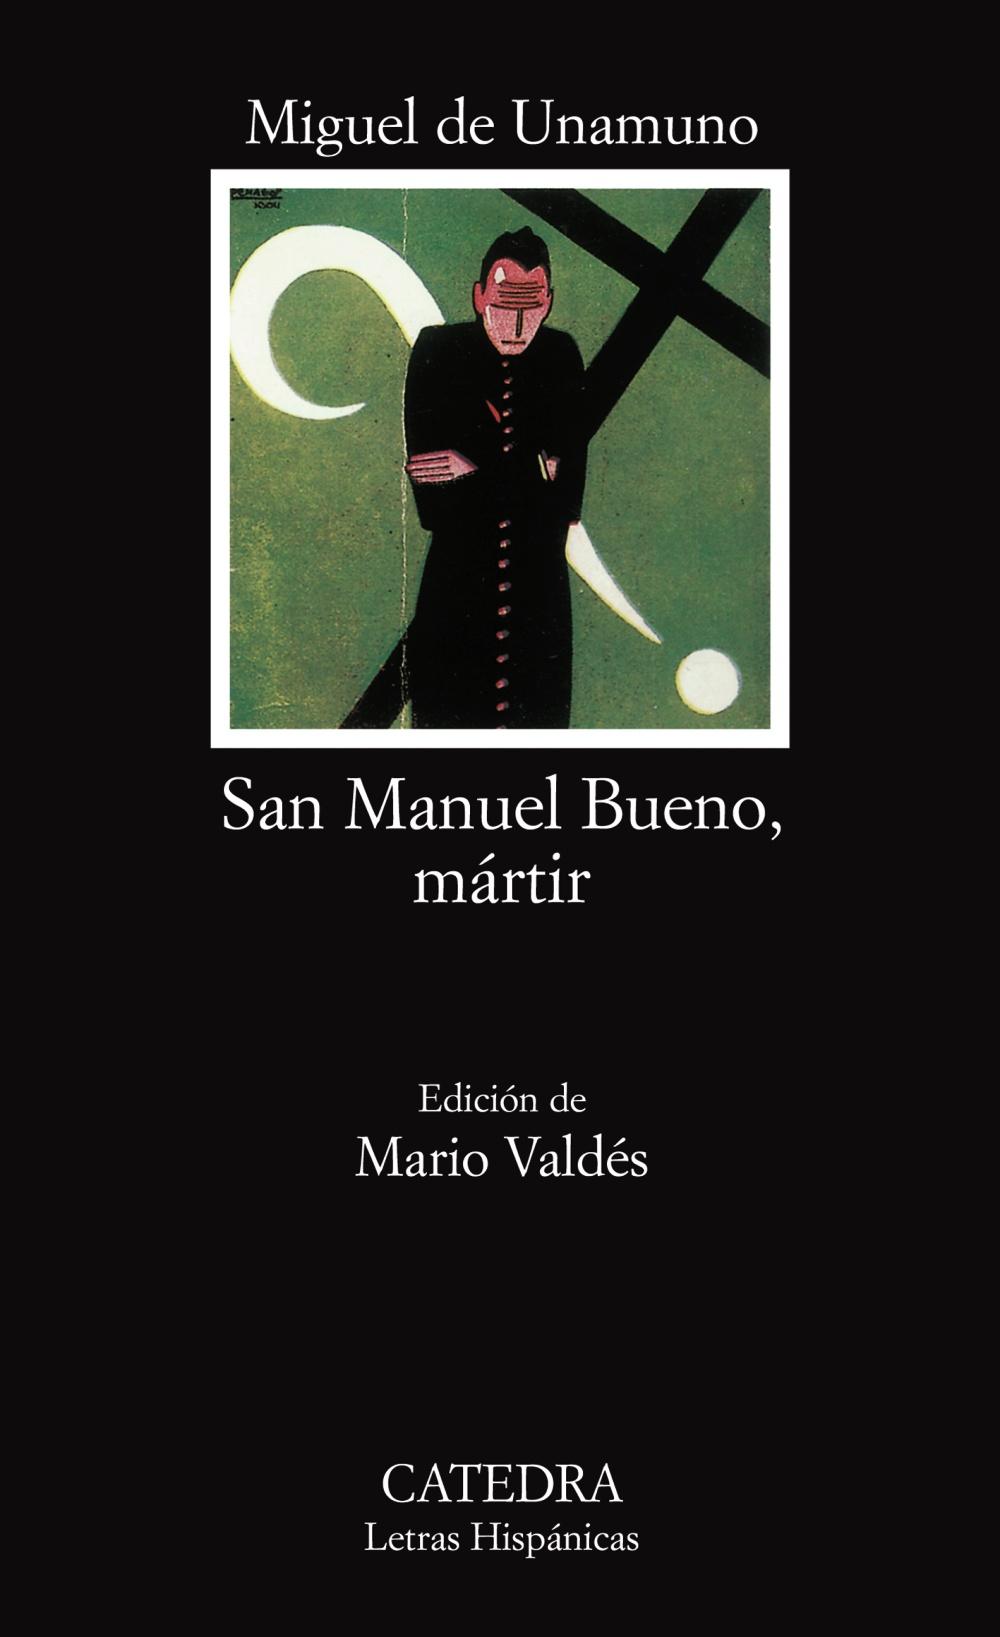 Resultado de imagen de san manuel bueno martir